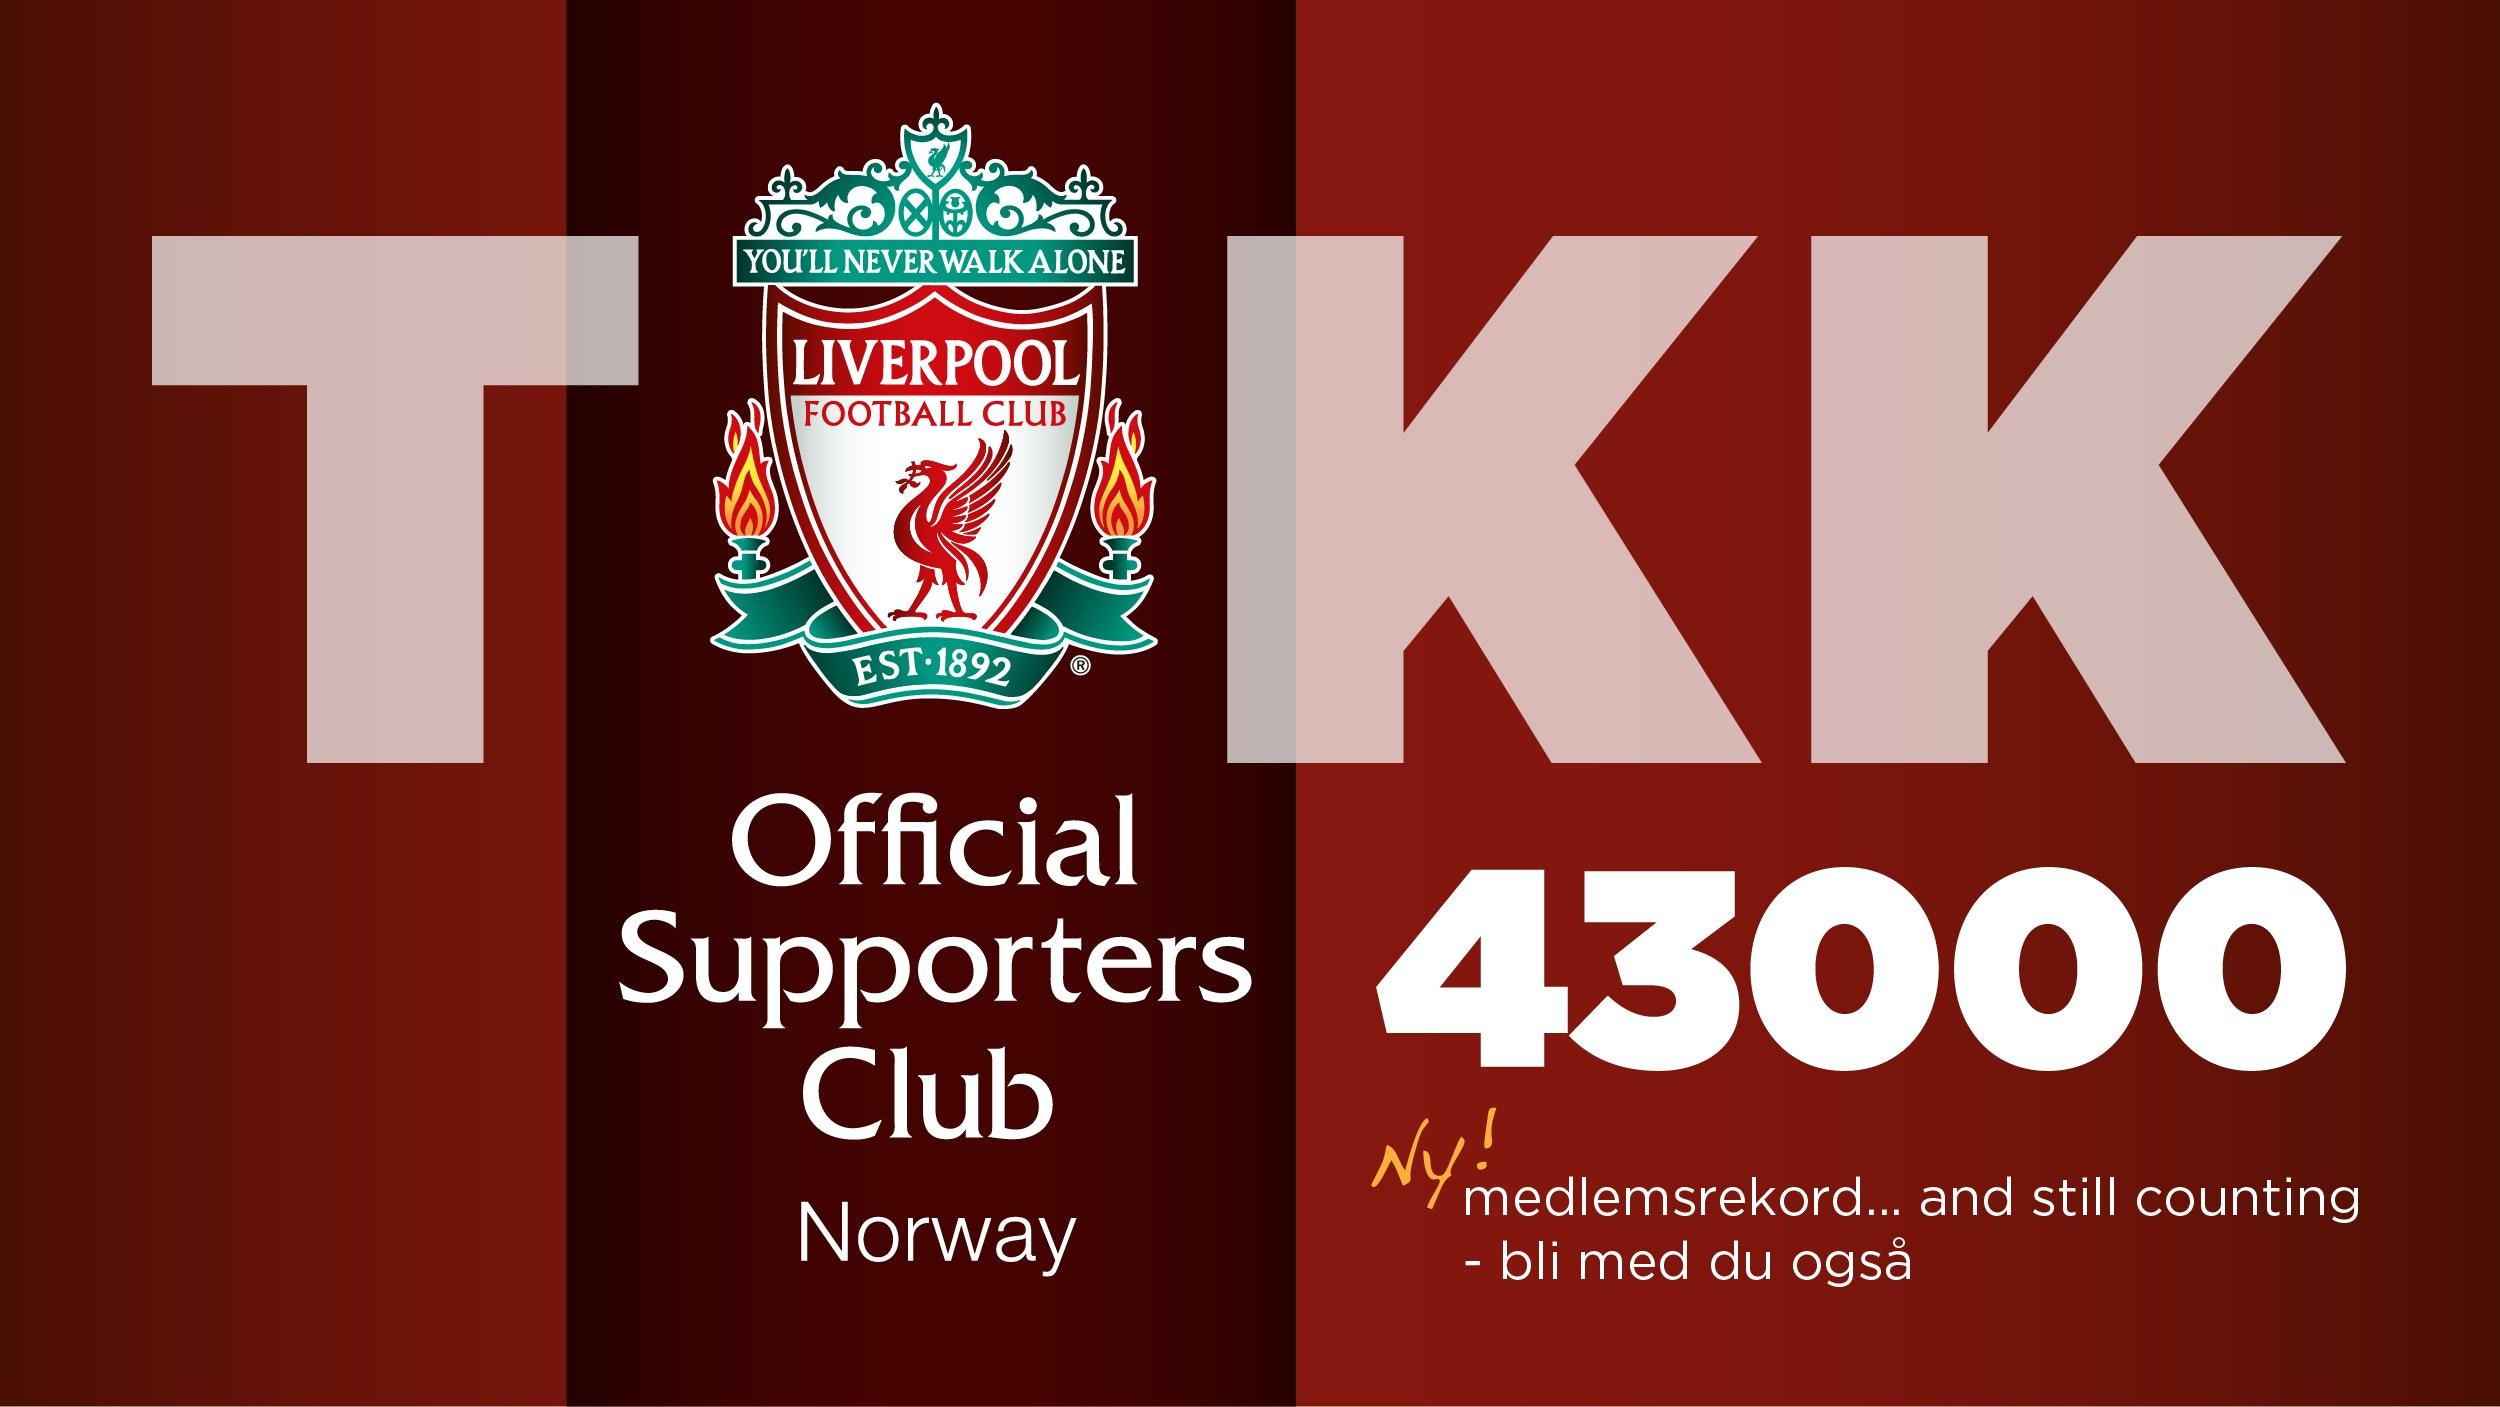 medlemsrekord43000.jpg